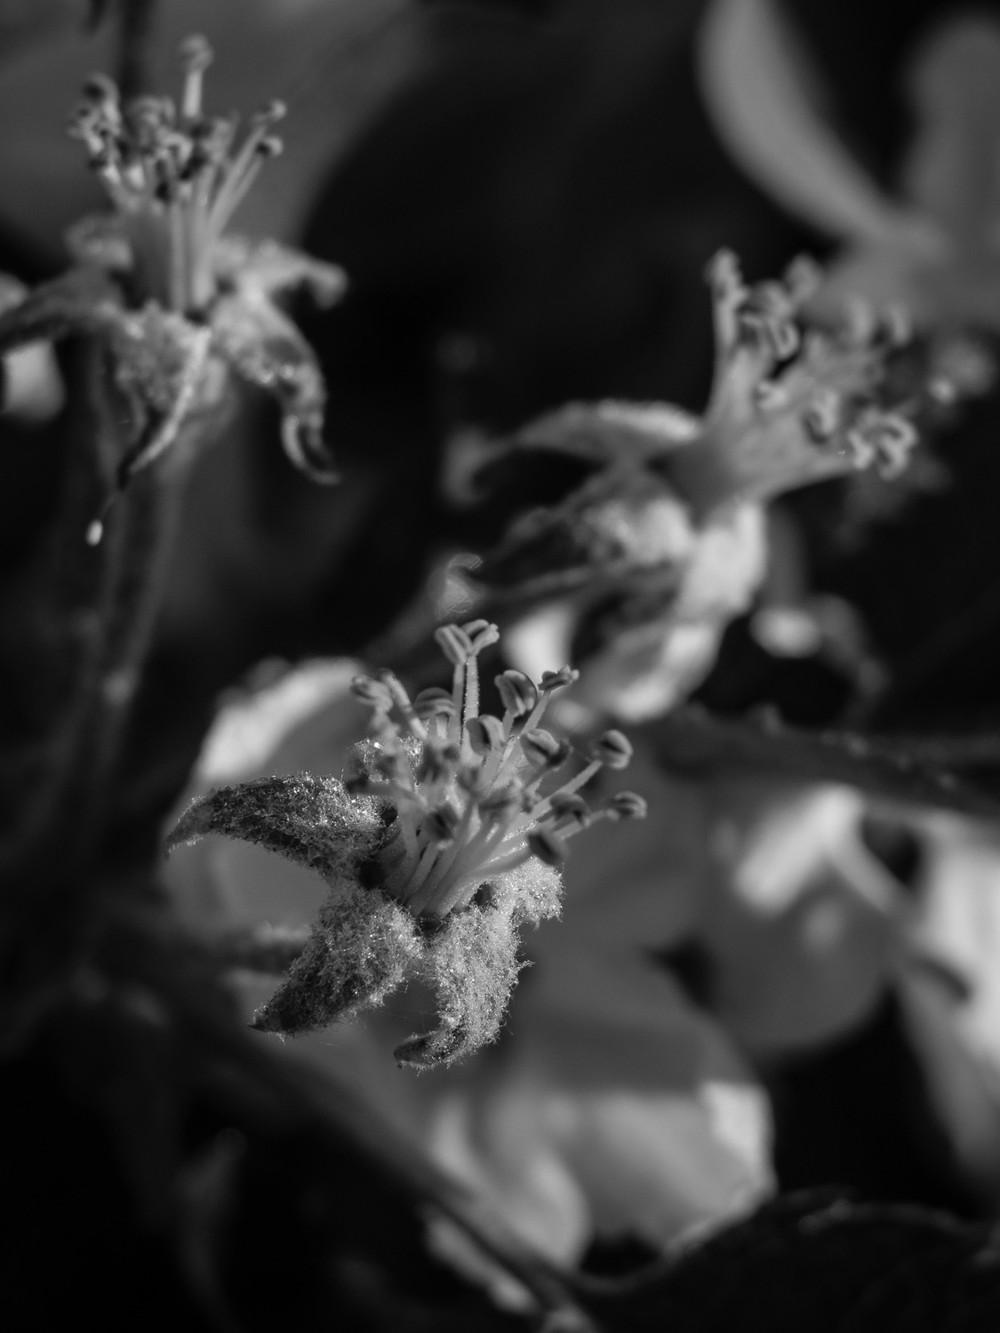 Frostschutzberegnung  - 03.jpg